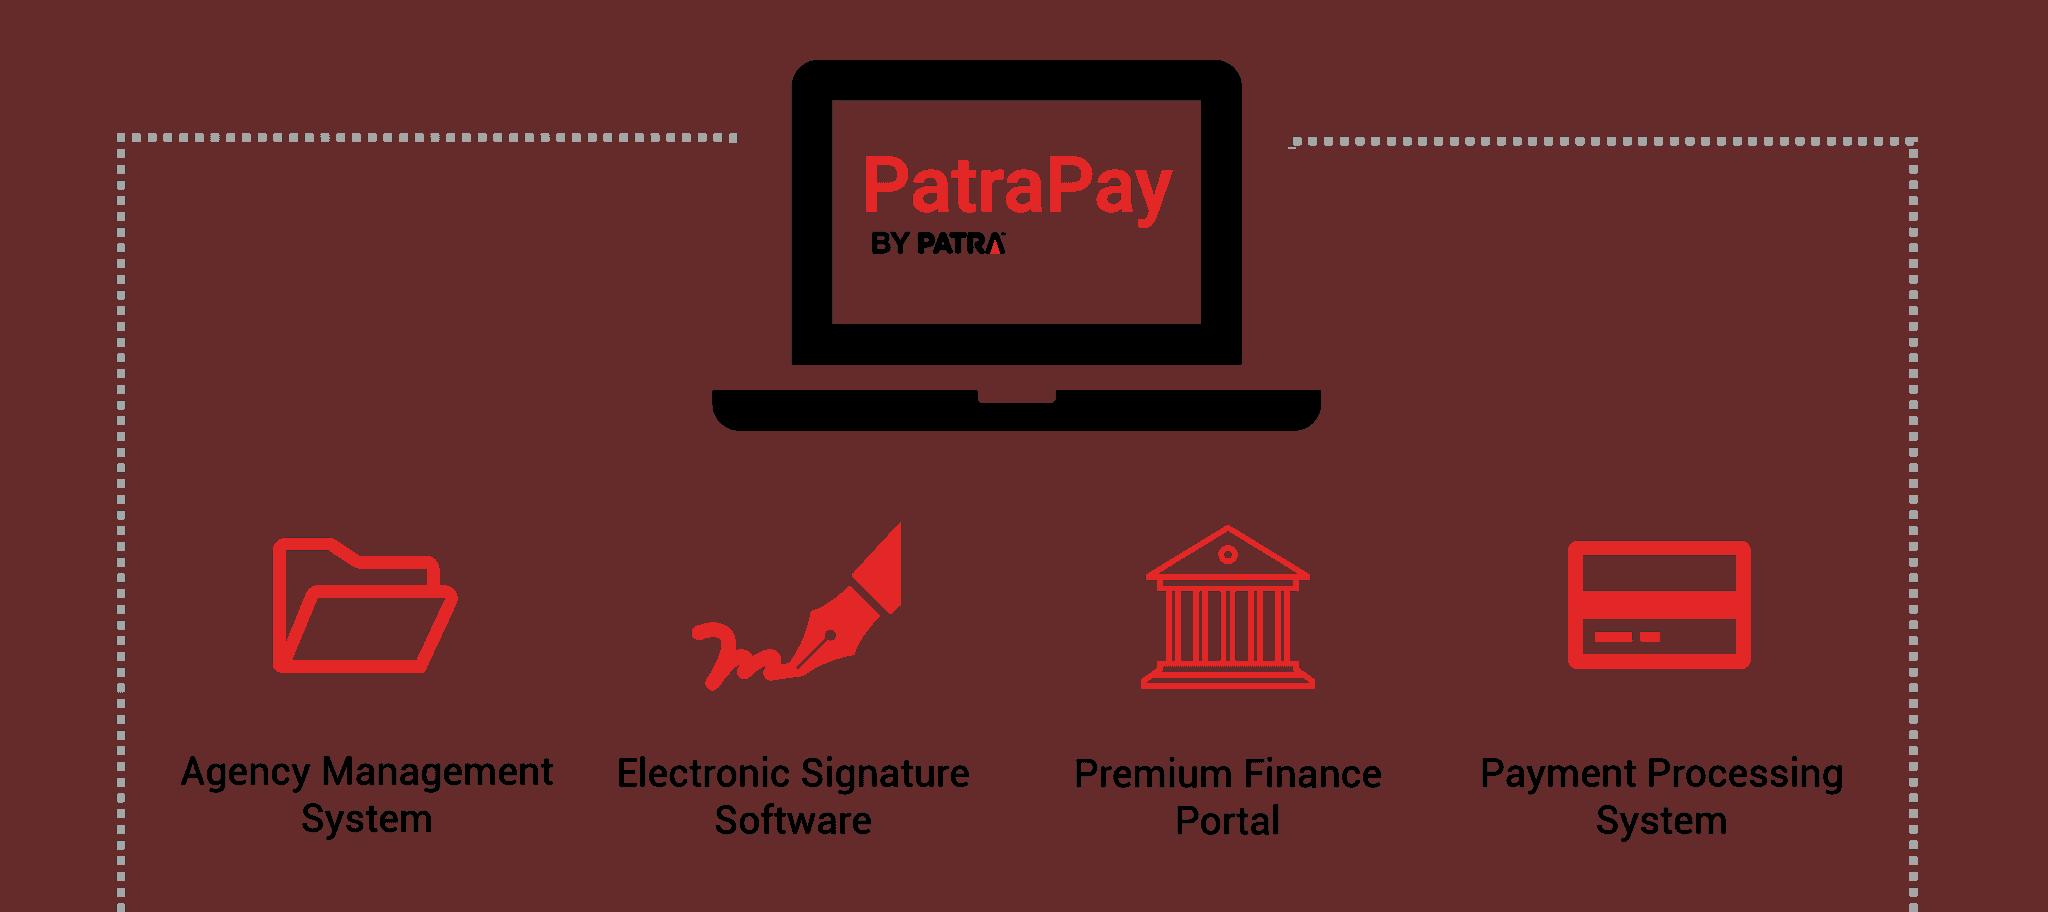 PatraPay Solutions